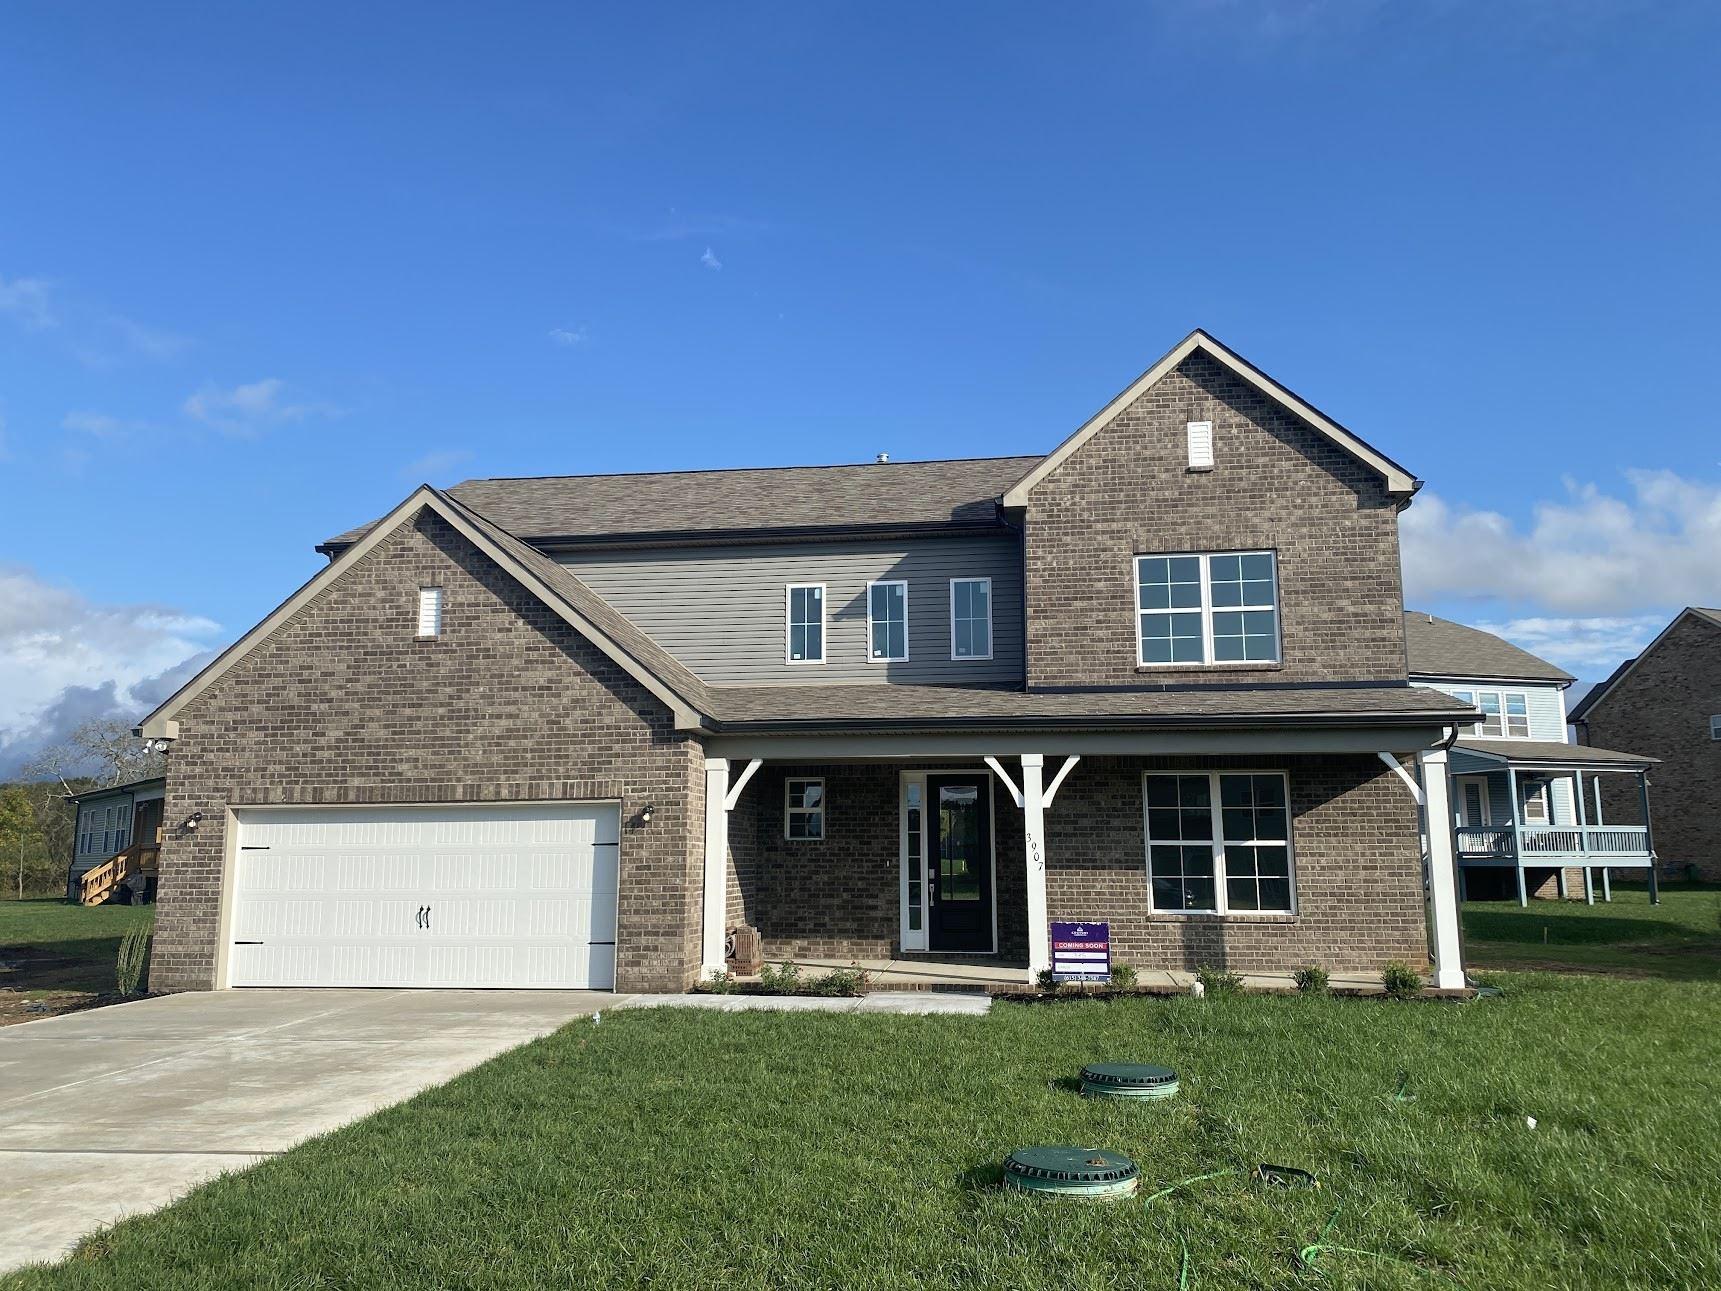 3907 Bomeadows Drive (Lot 375), Murfreesboro, TN 37128 - MLS#: 2266854